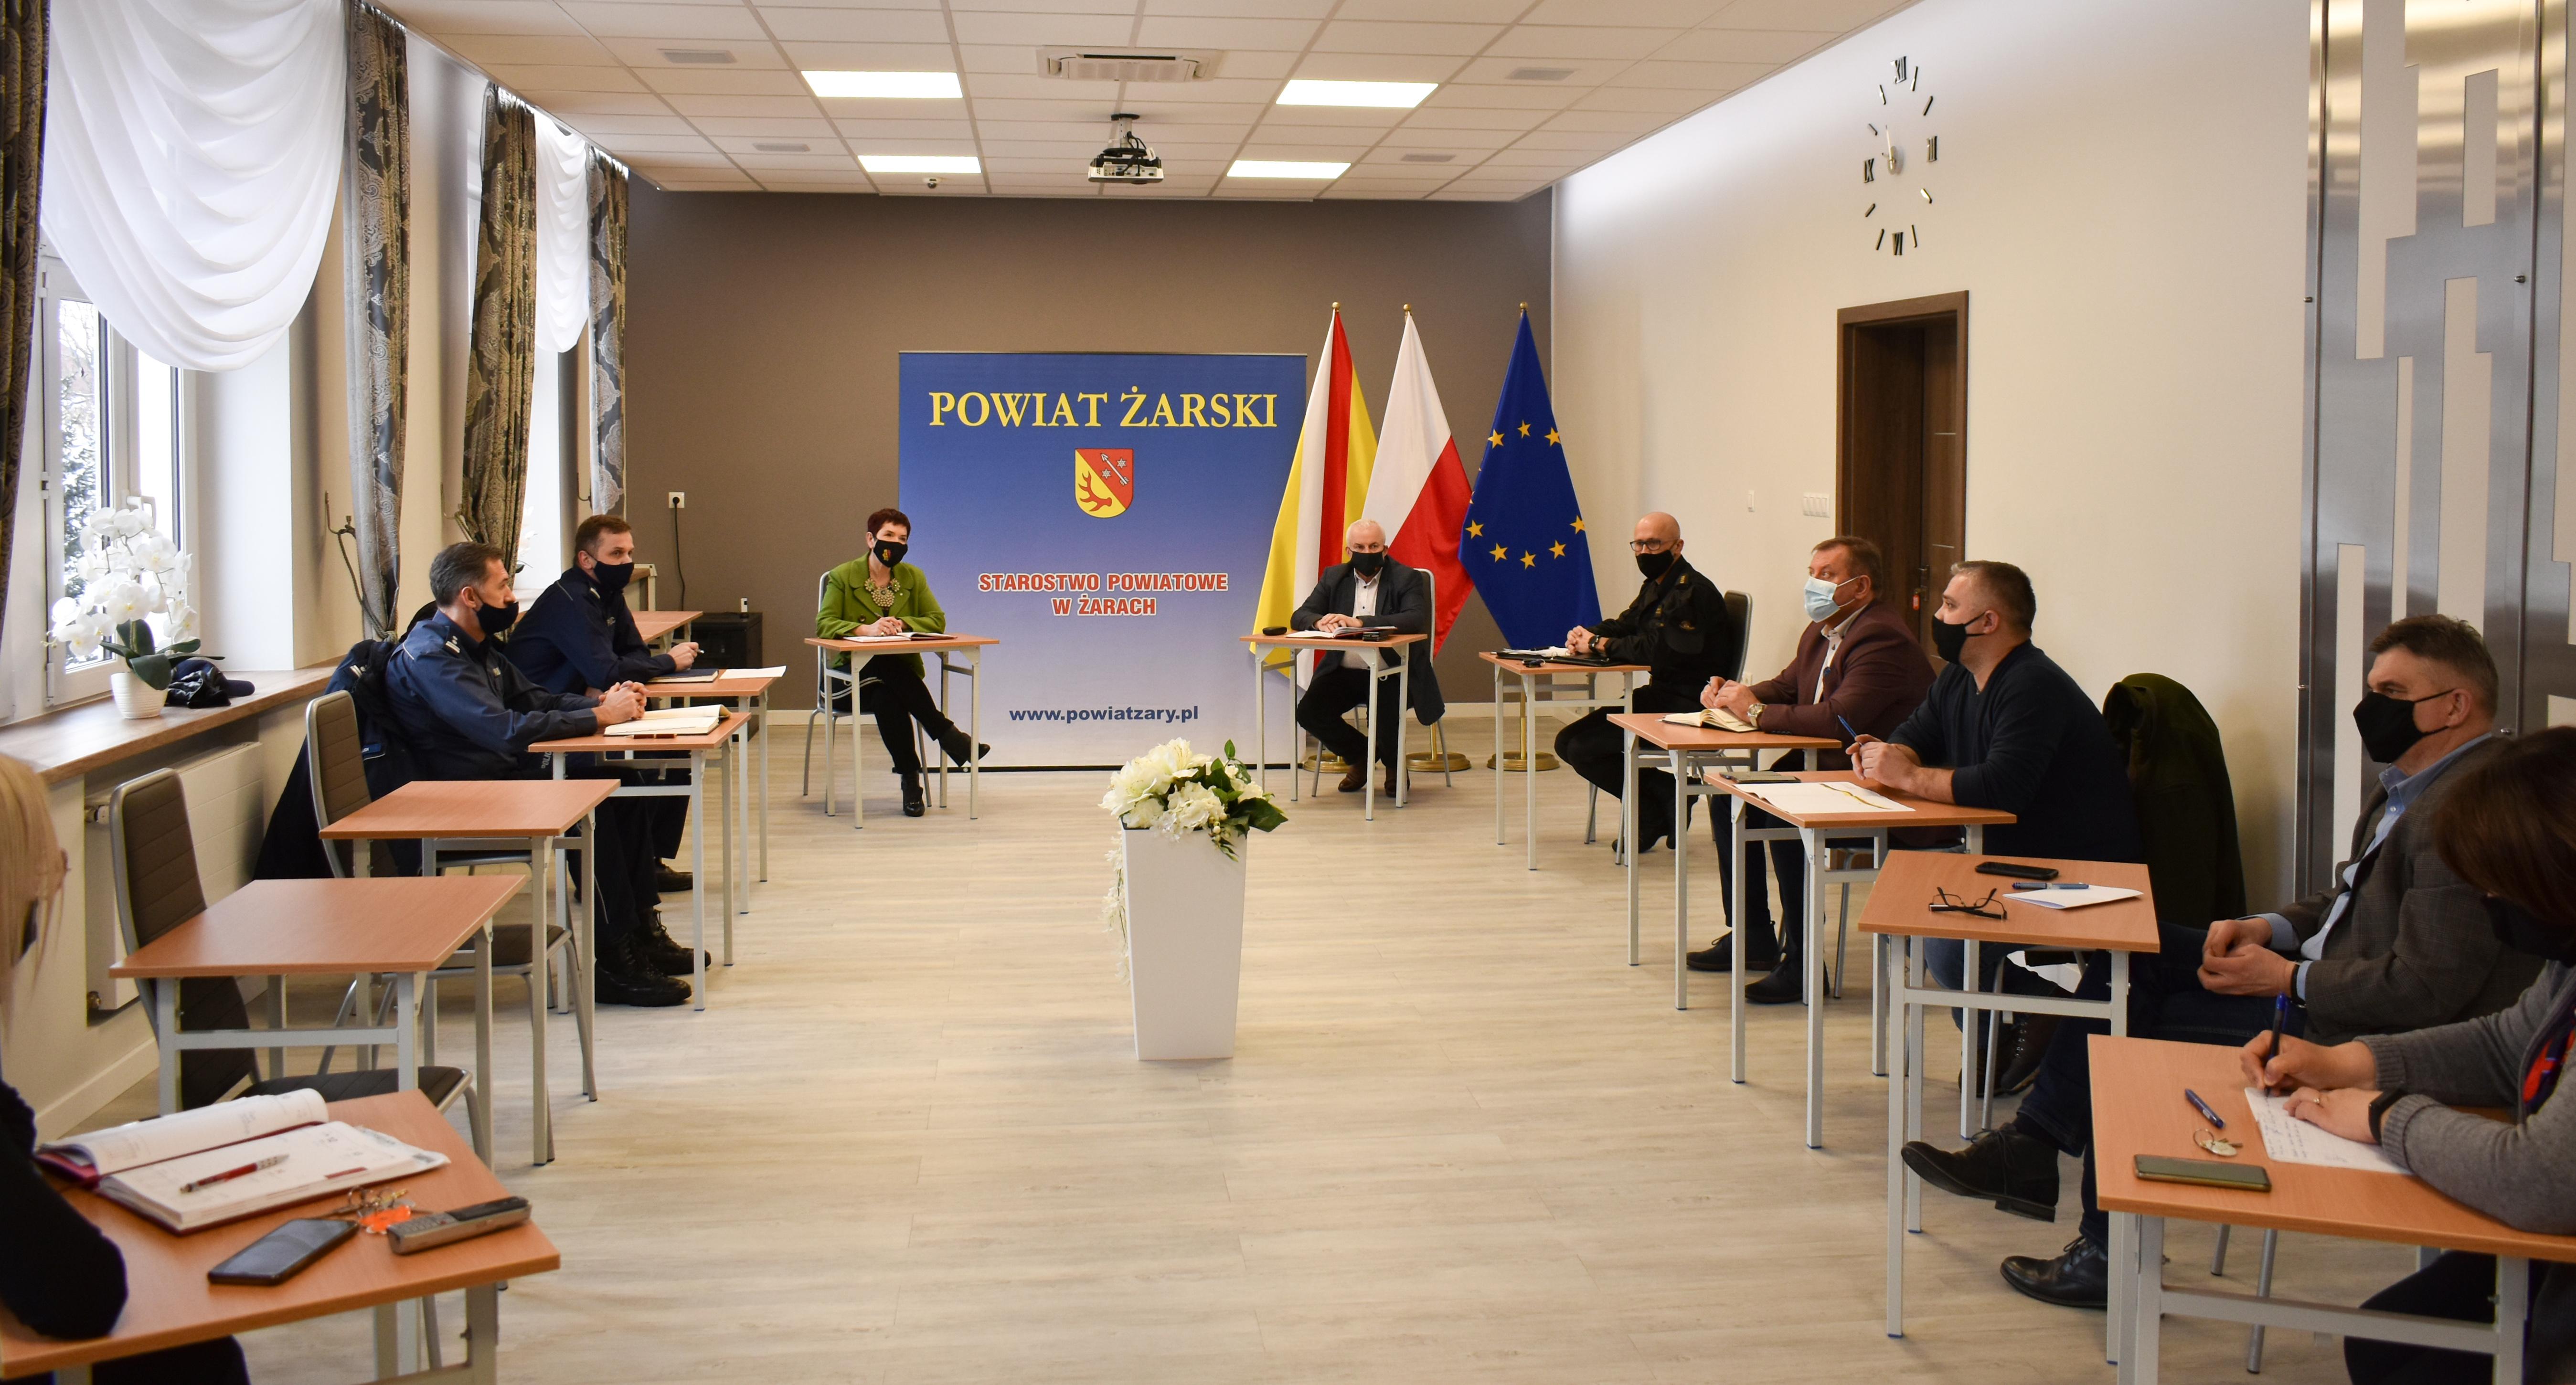 Ilustracja do informacji: Posiedzenie Powiatowego Zespołu Zarządzania Kryzysowego.